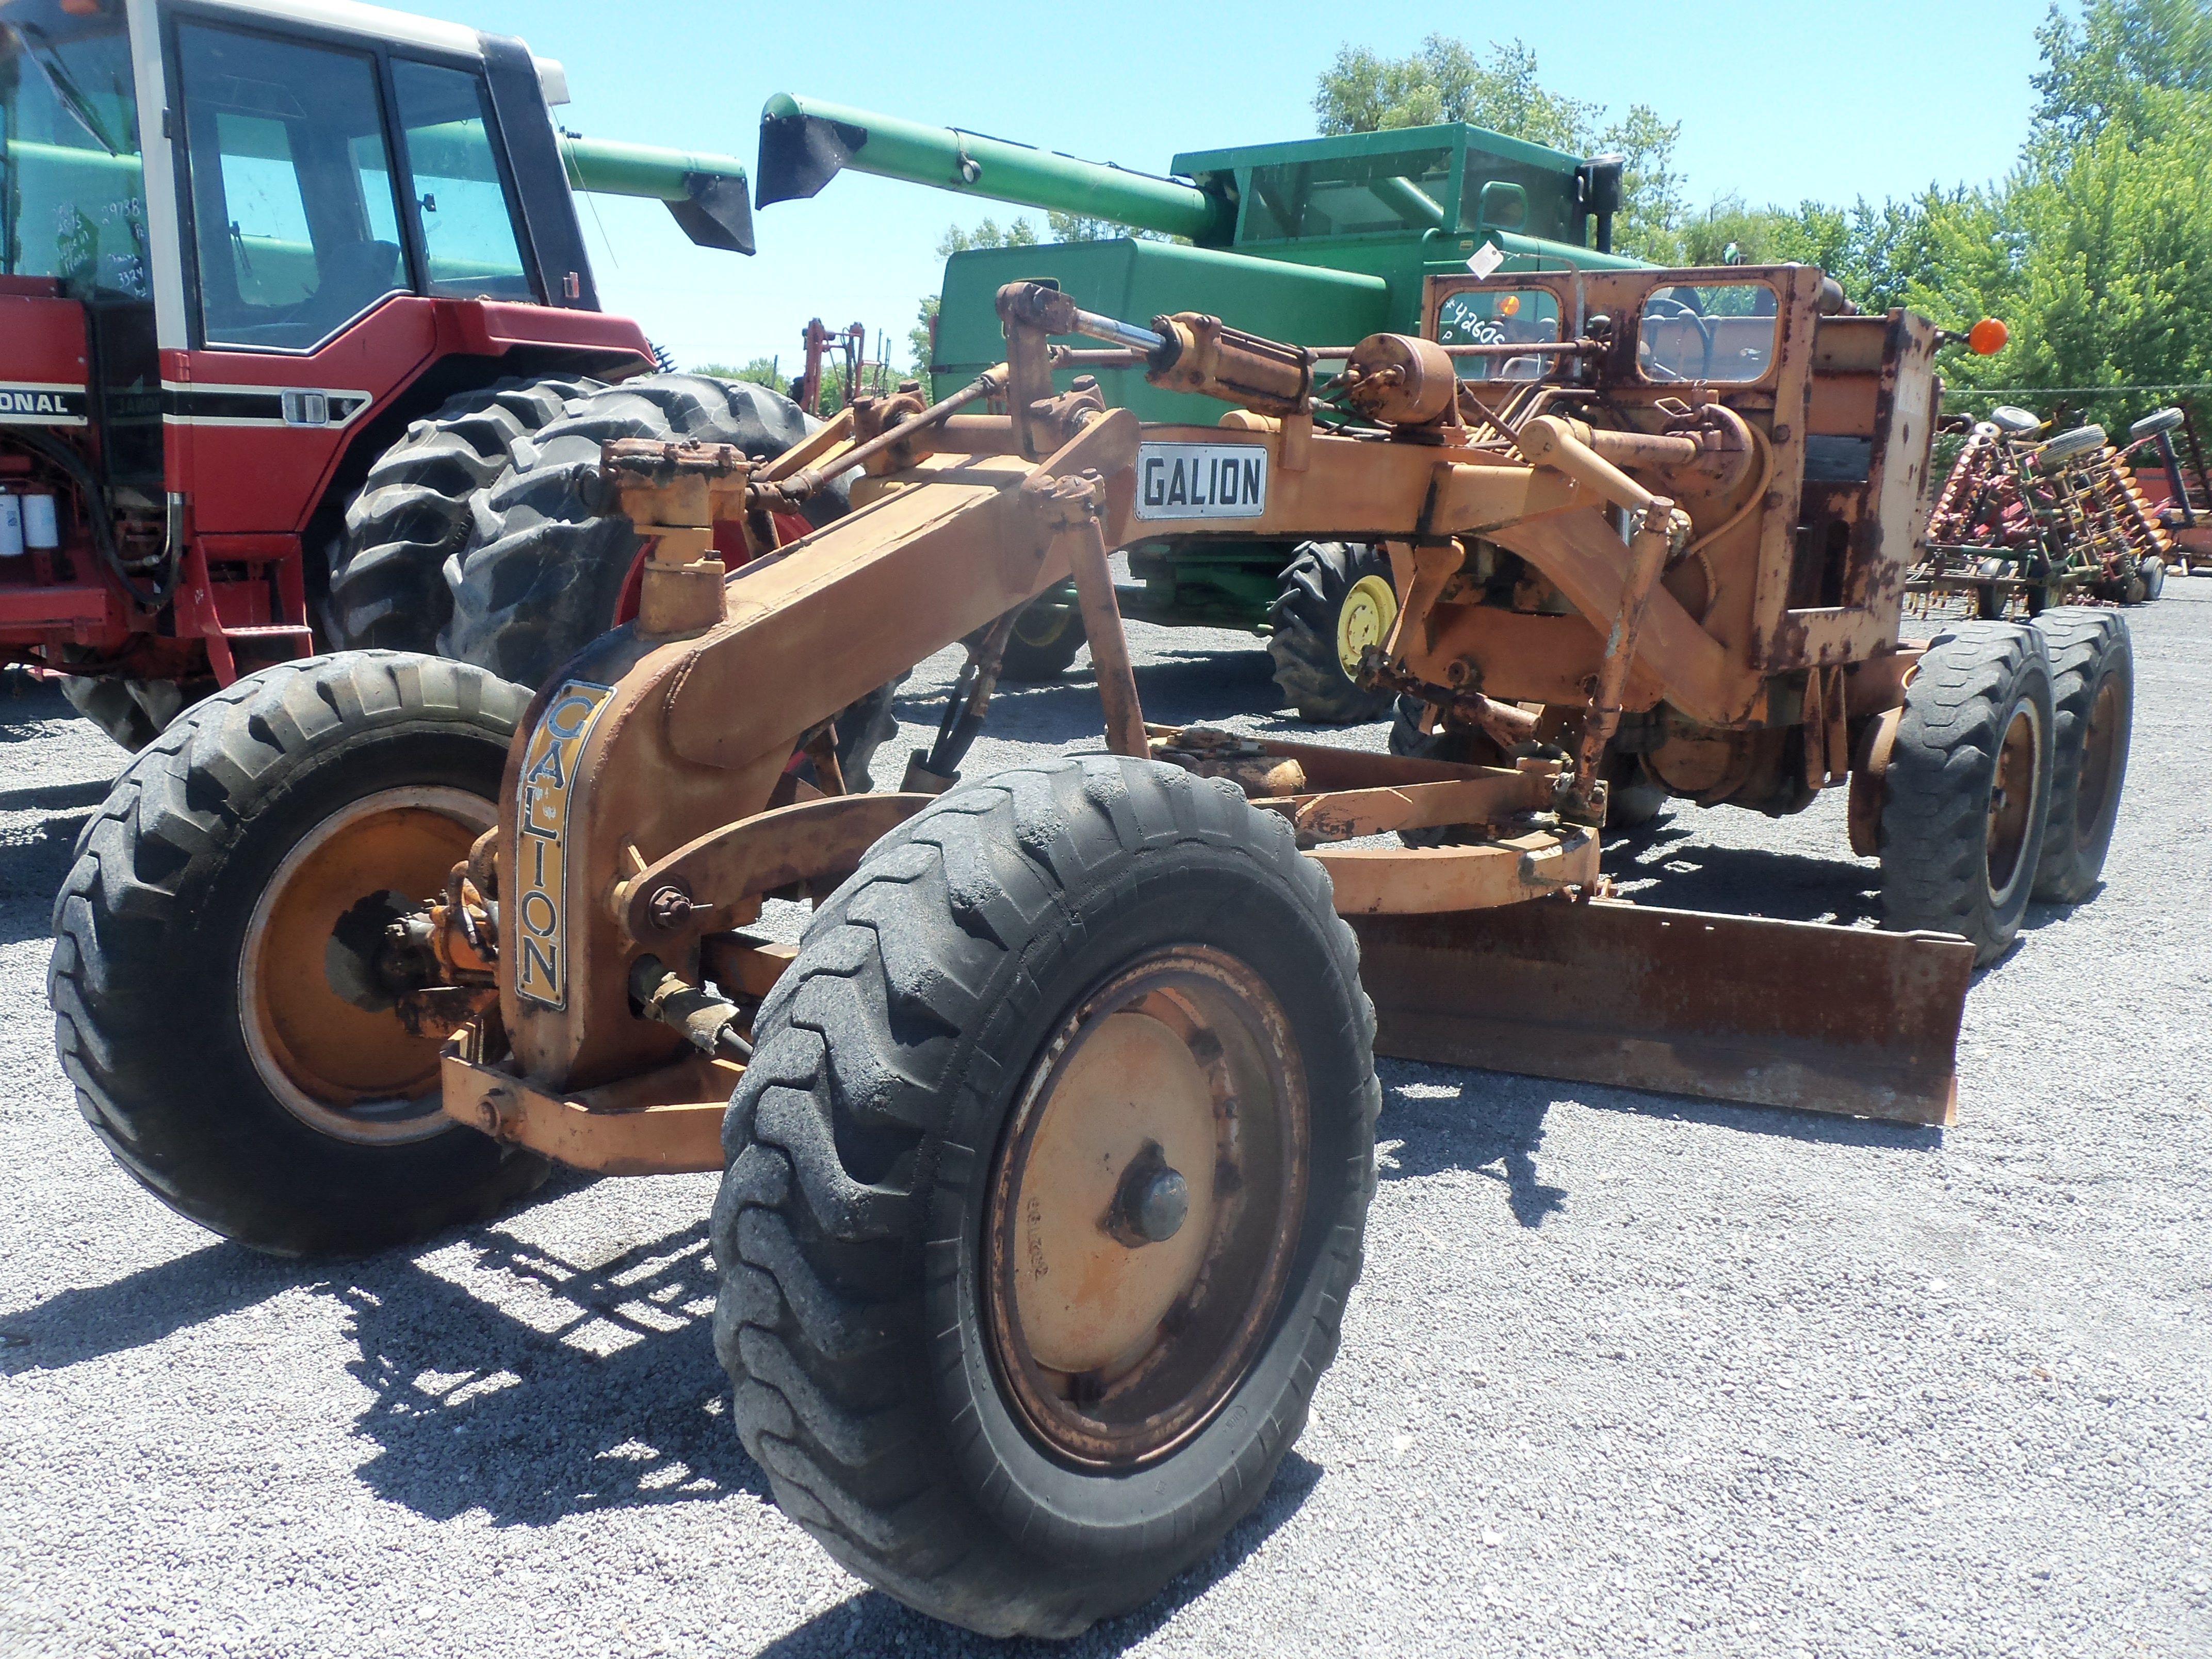 Old Galion Motor Grader Construction Equipment Motor Grader Graders